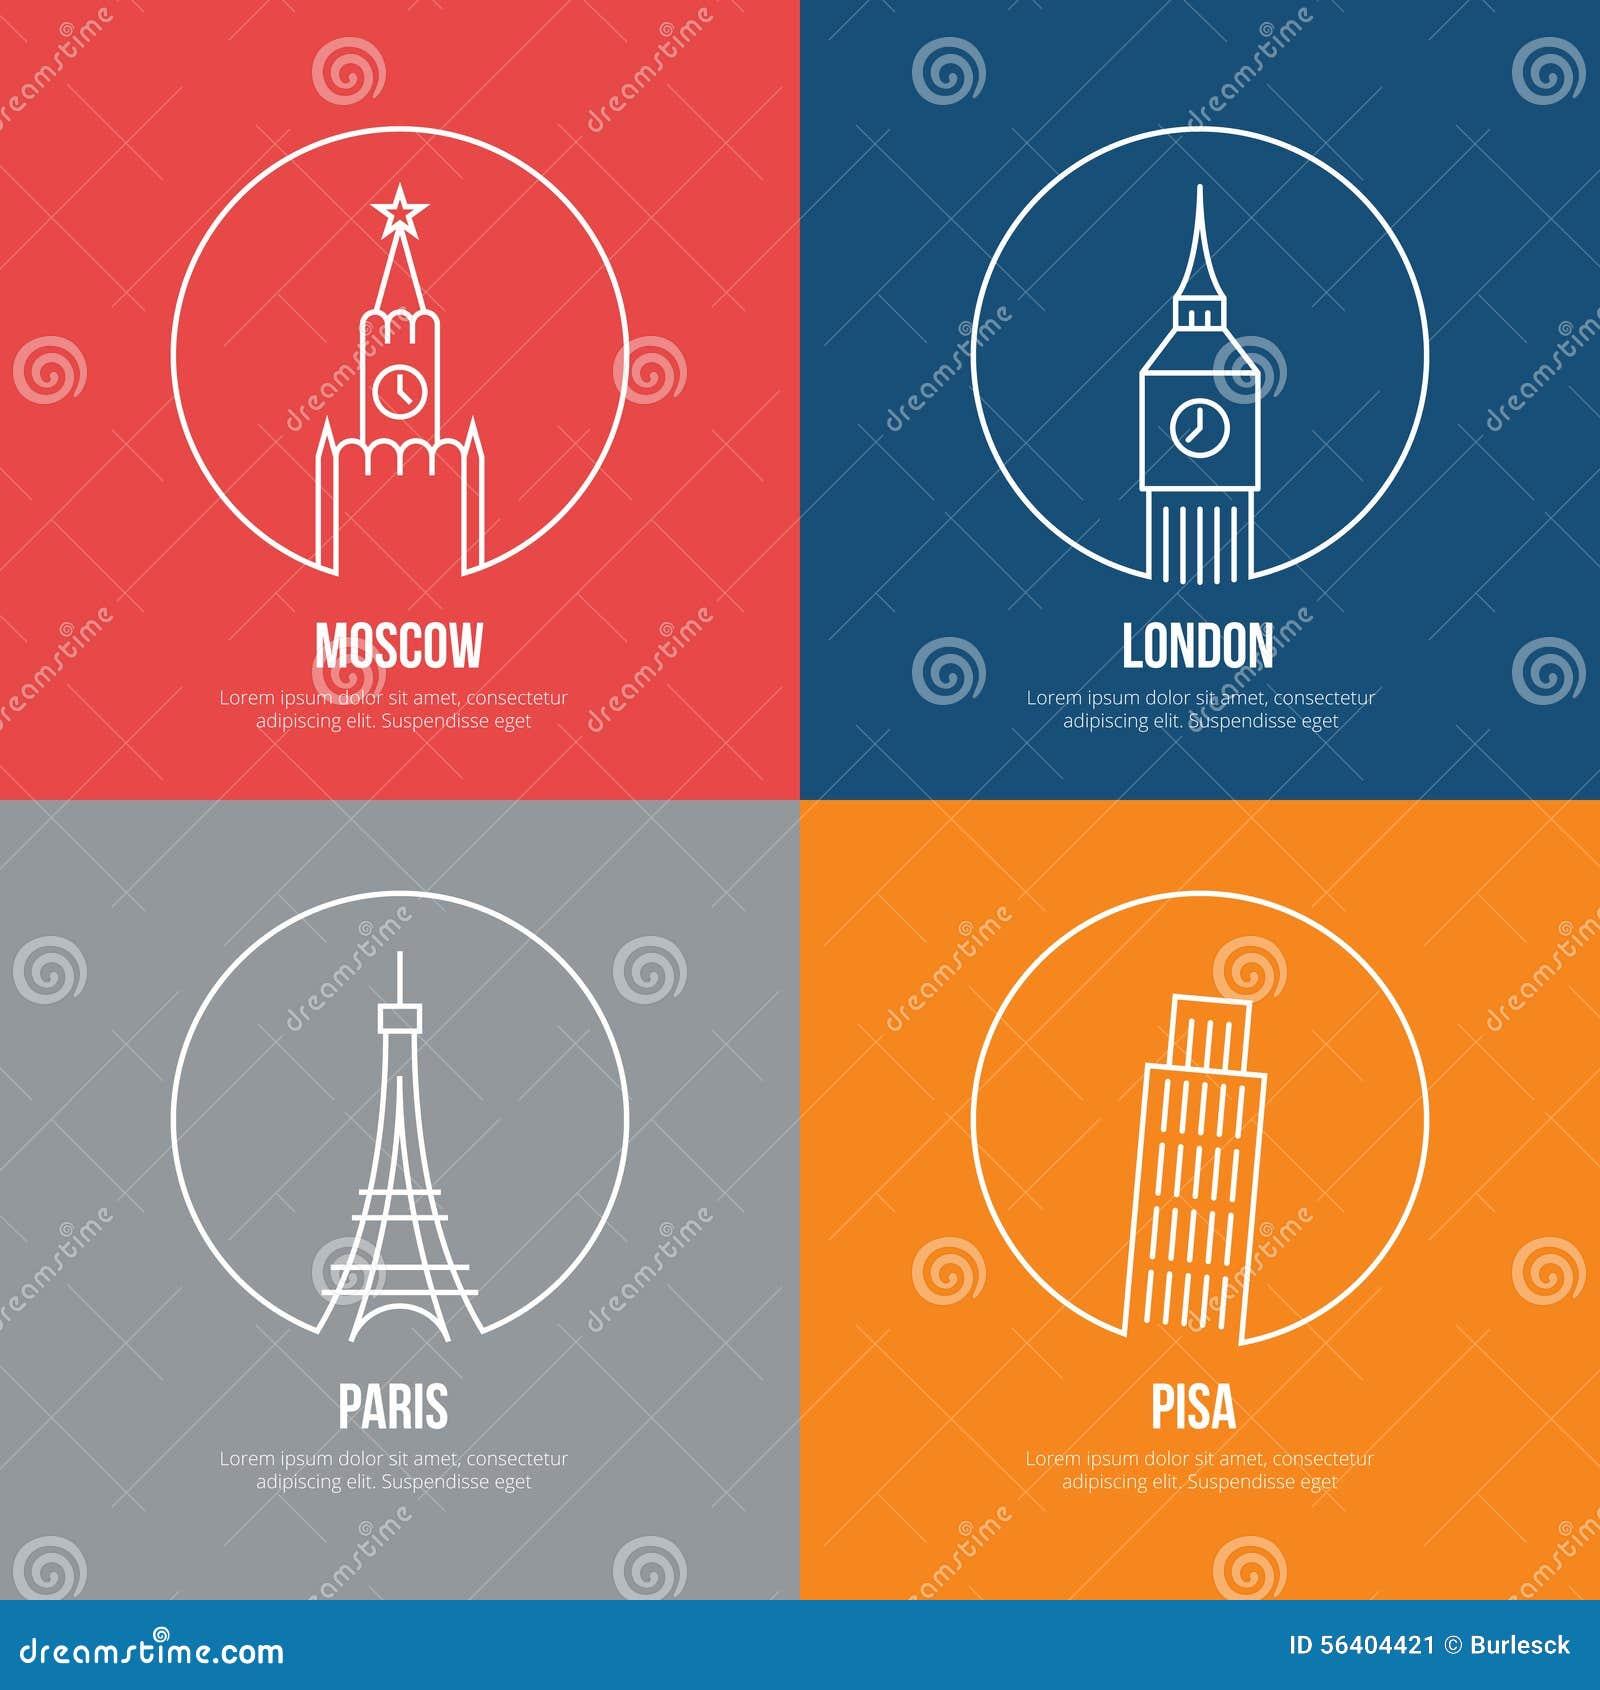 Line Art Poster : Vector landmarks line art posters stock image